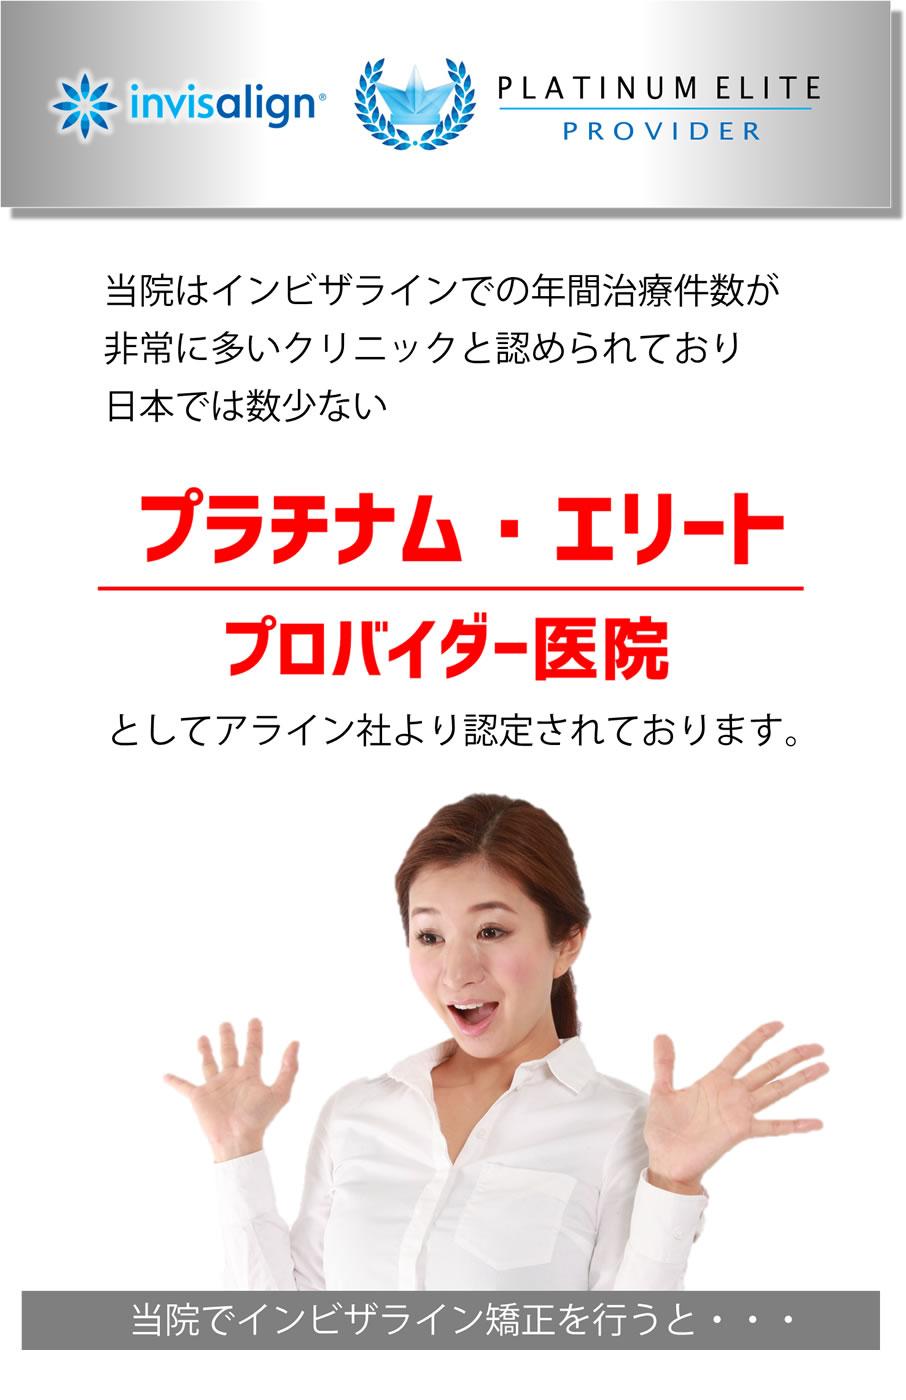 当院はインビザラインでの年間治療数が非常に多いクリニックと認められており日本では数少ない「プラチナム・エリートプロバイダー医院」としてアライン社より認定されております。